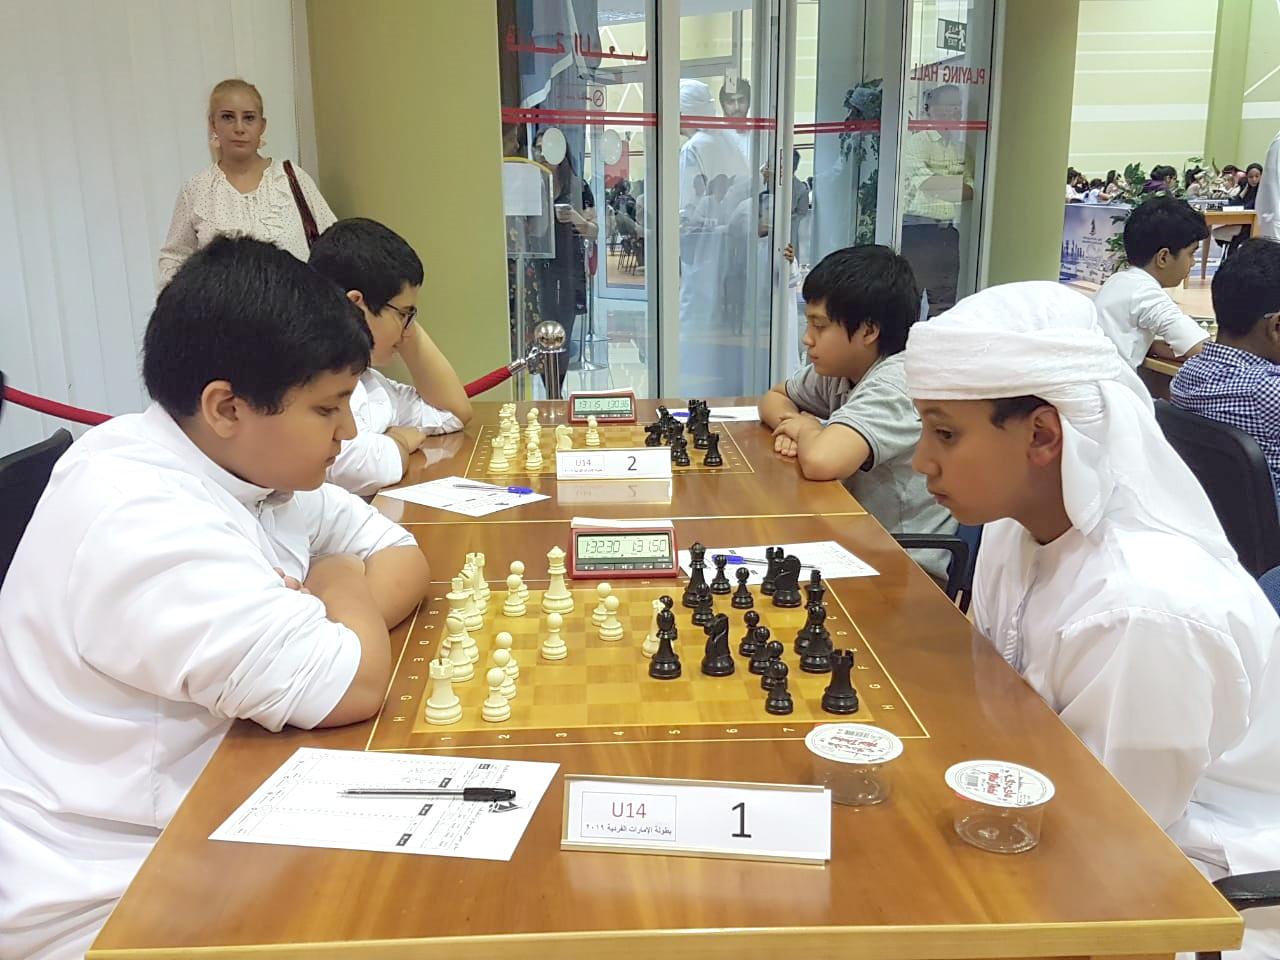 الزعابي والسدراني في صدارة بطولة الإمارات الفردية للشطرنج